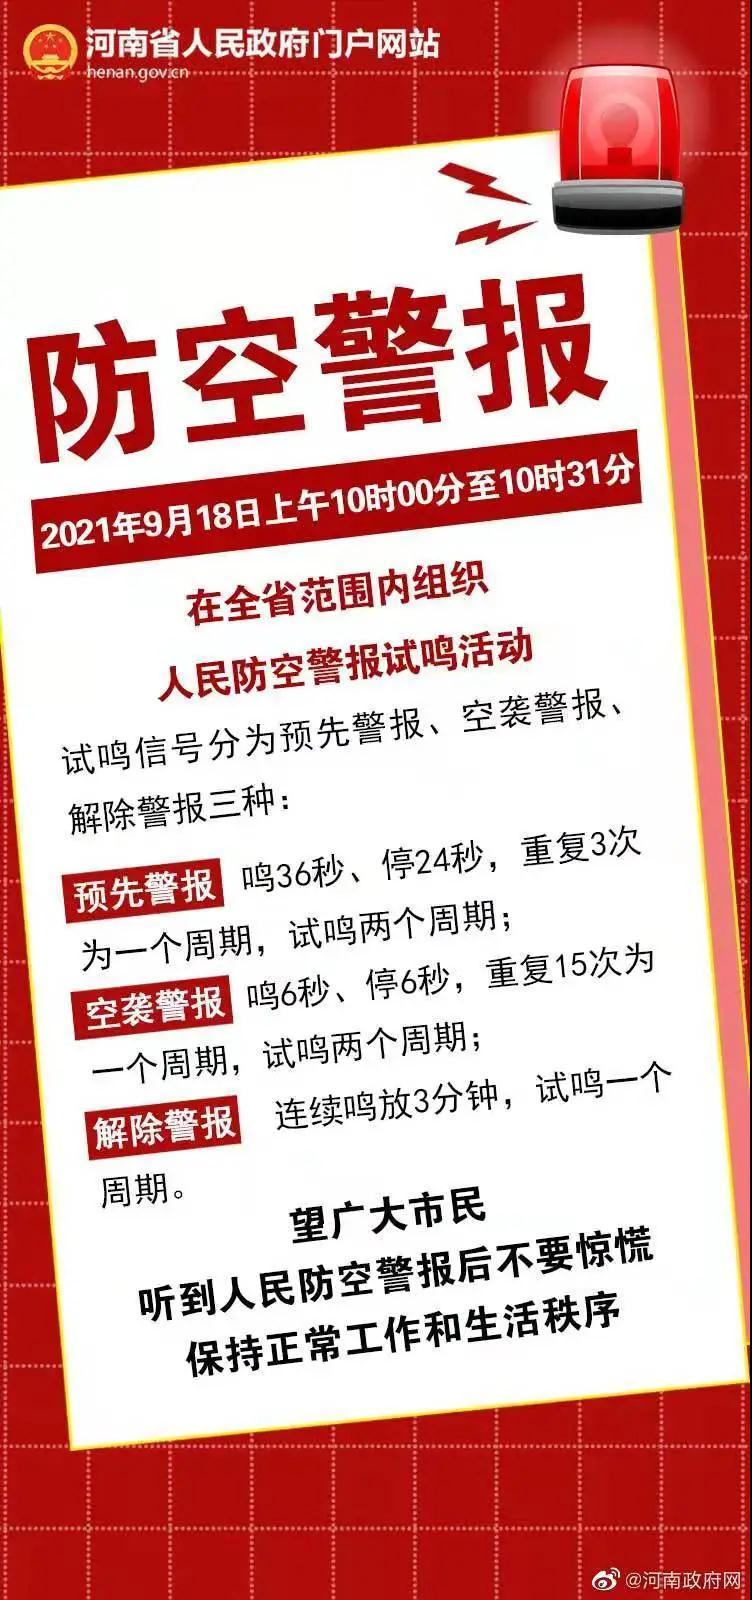 今天上午10时起,河南全省试鸣防空警报